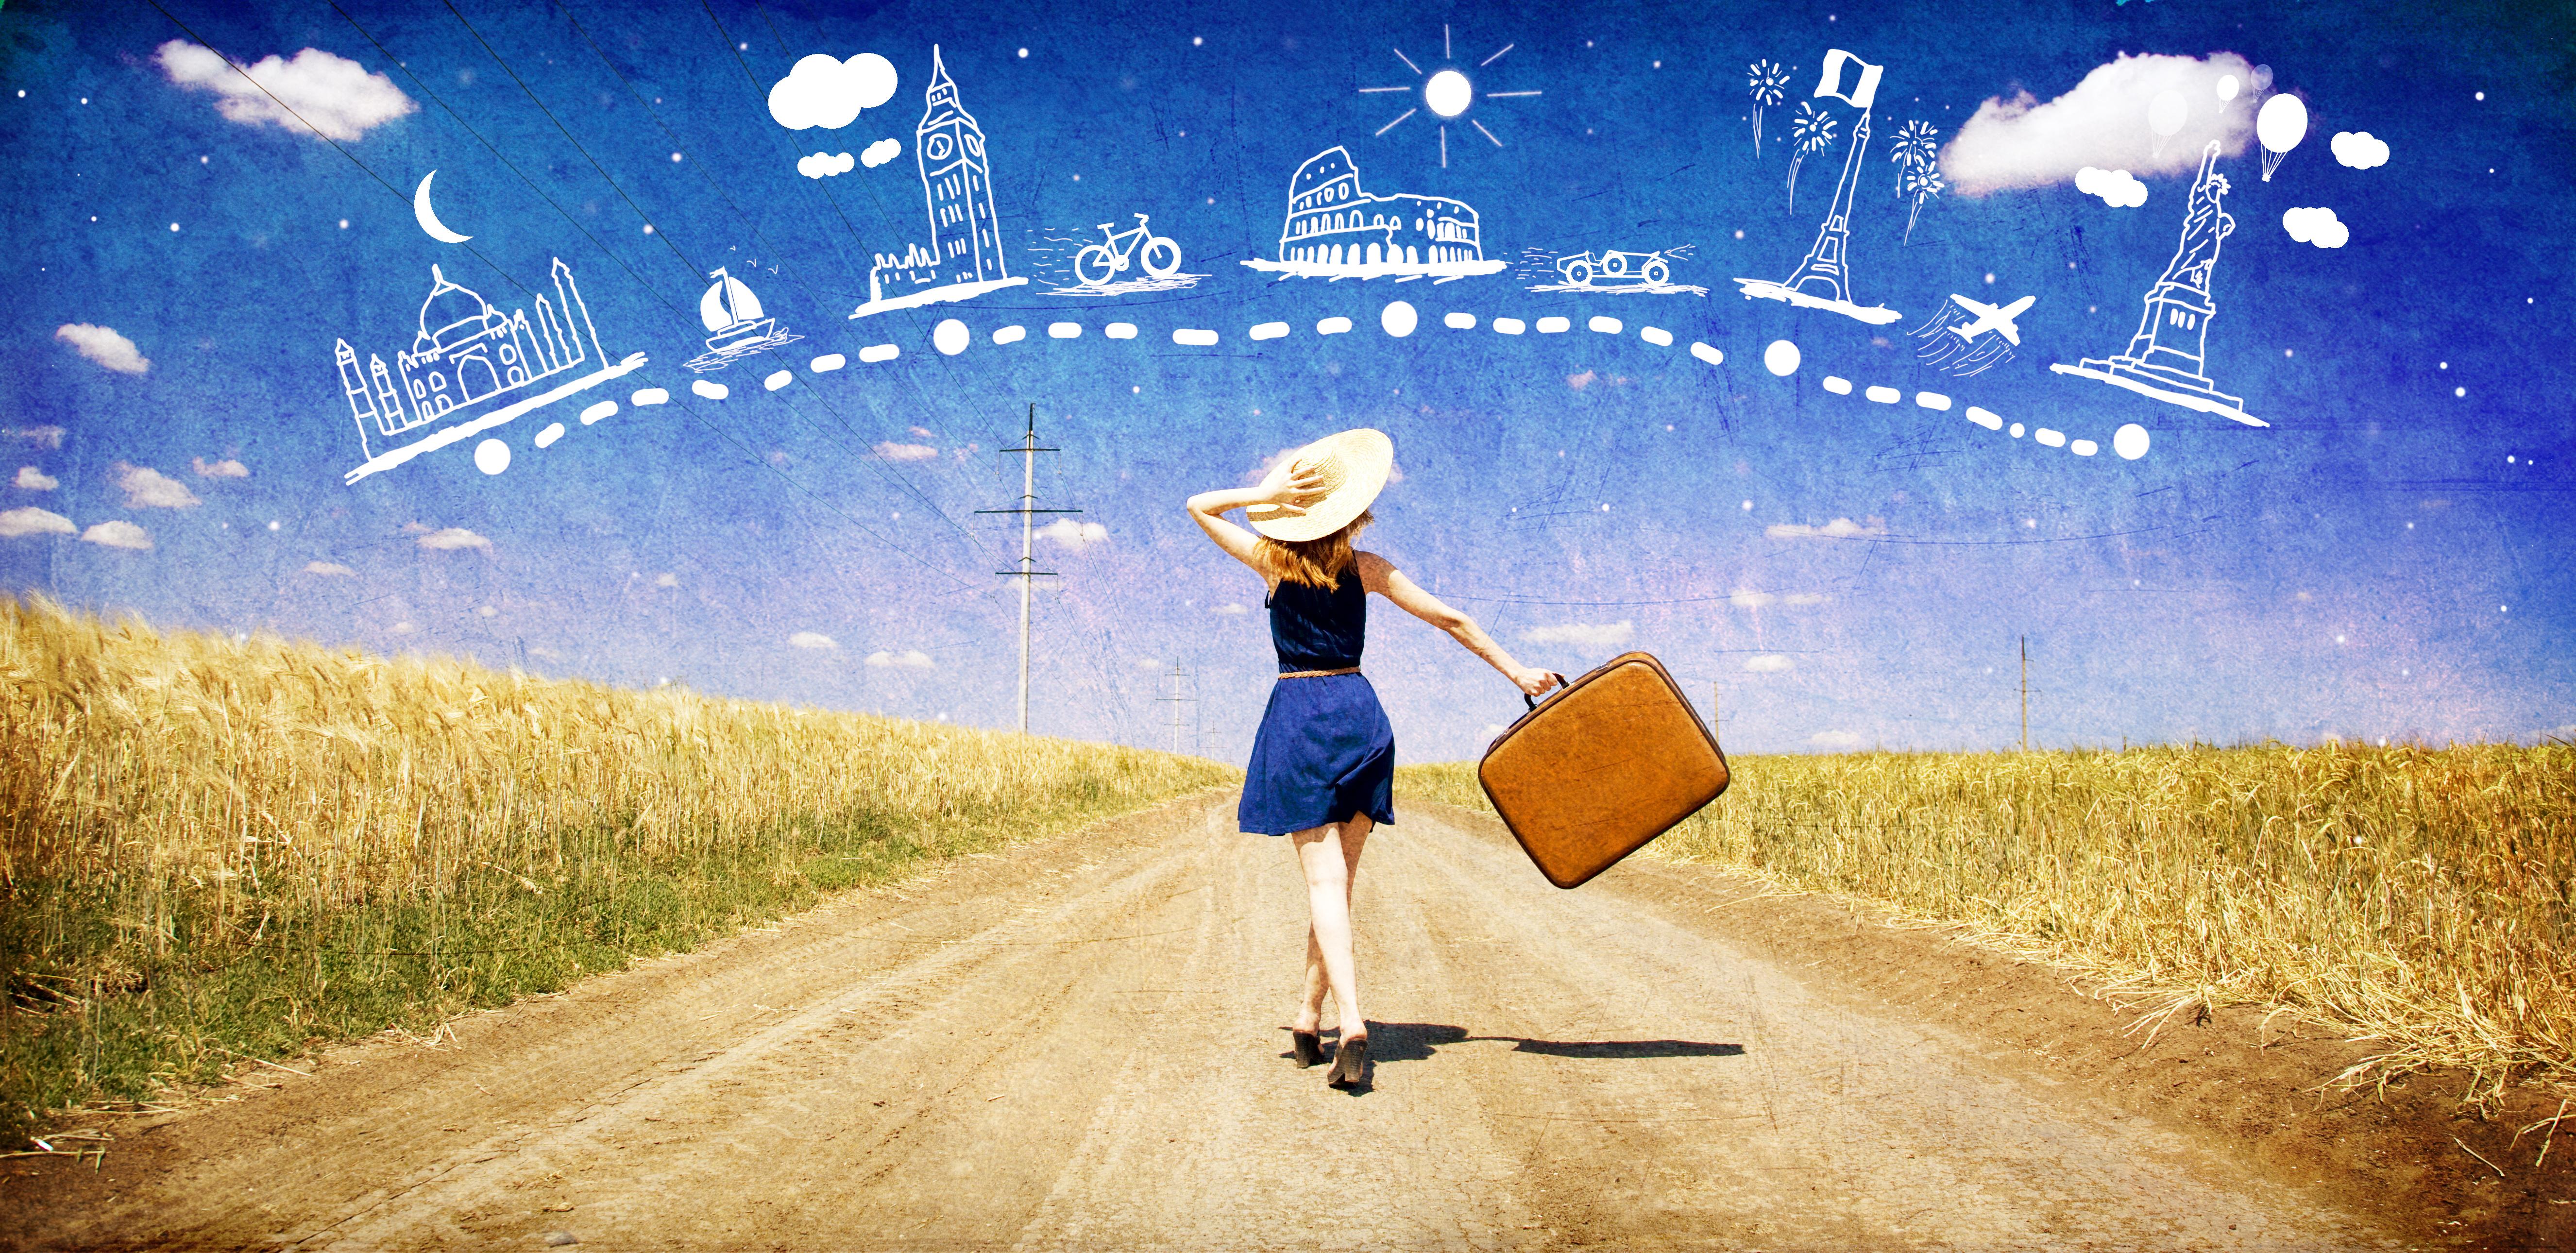 Từ vựng tiếng anh về du lịch nước ngoài - Travel abroad